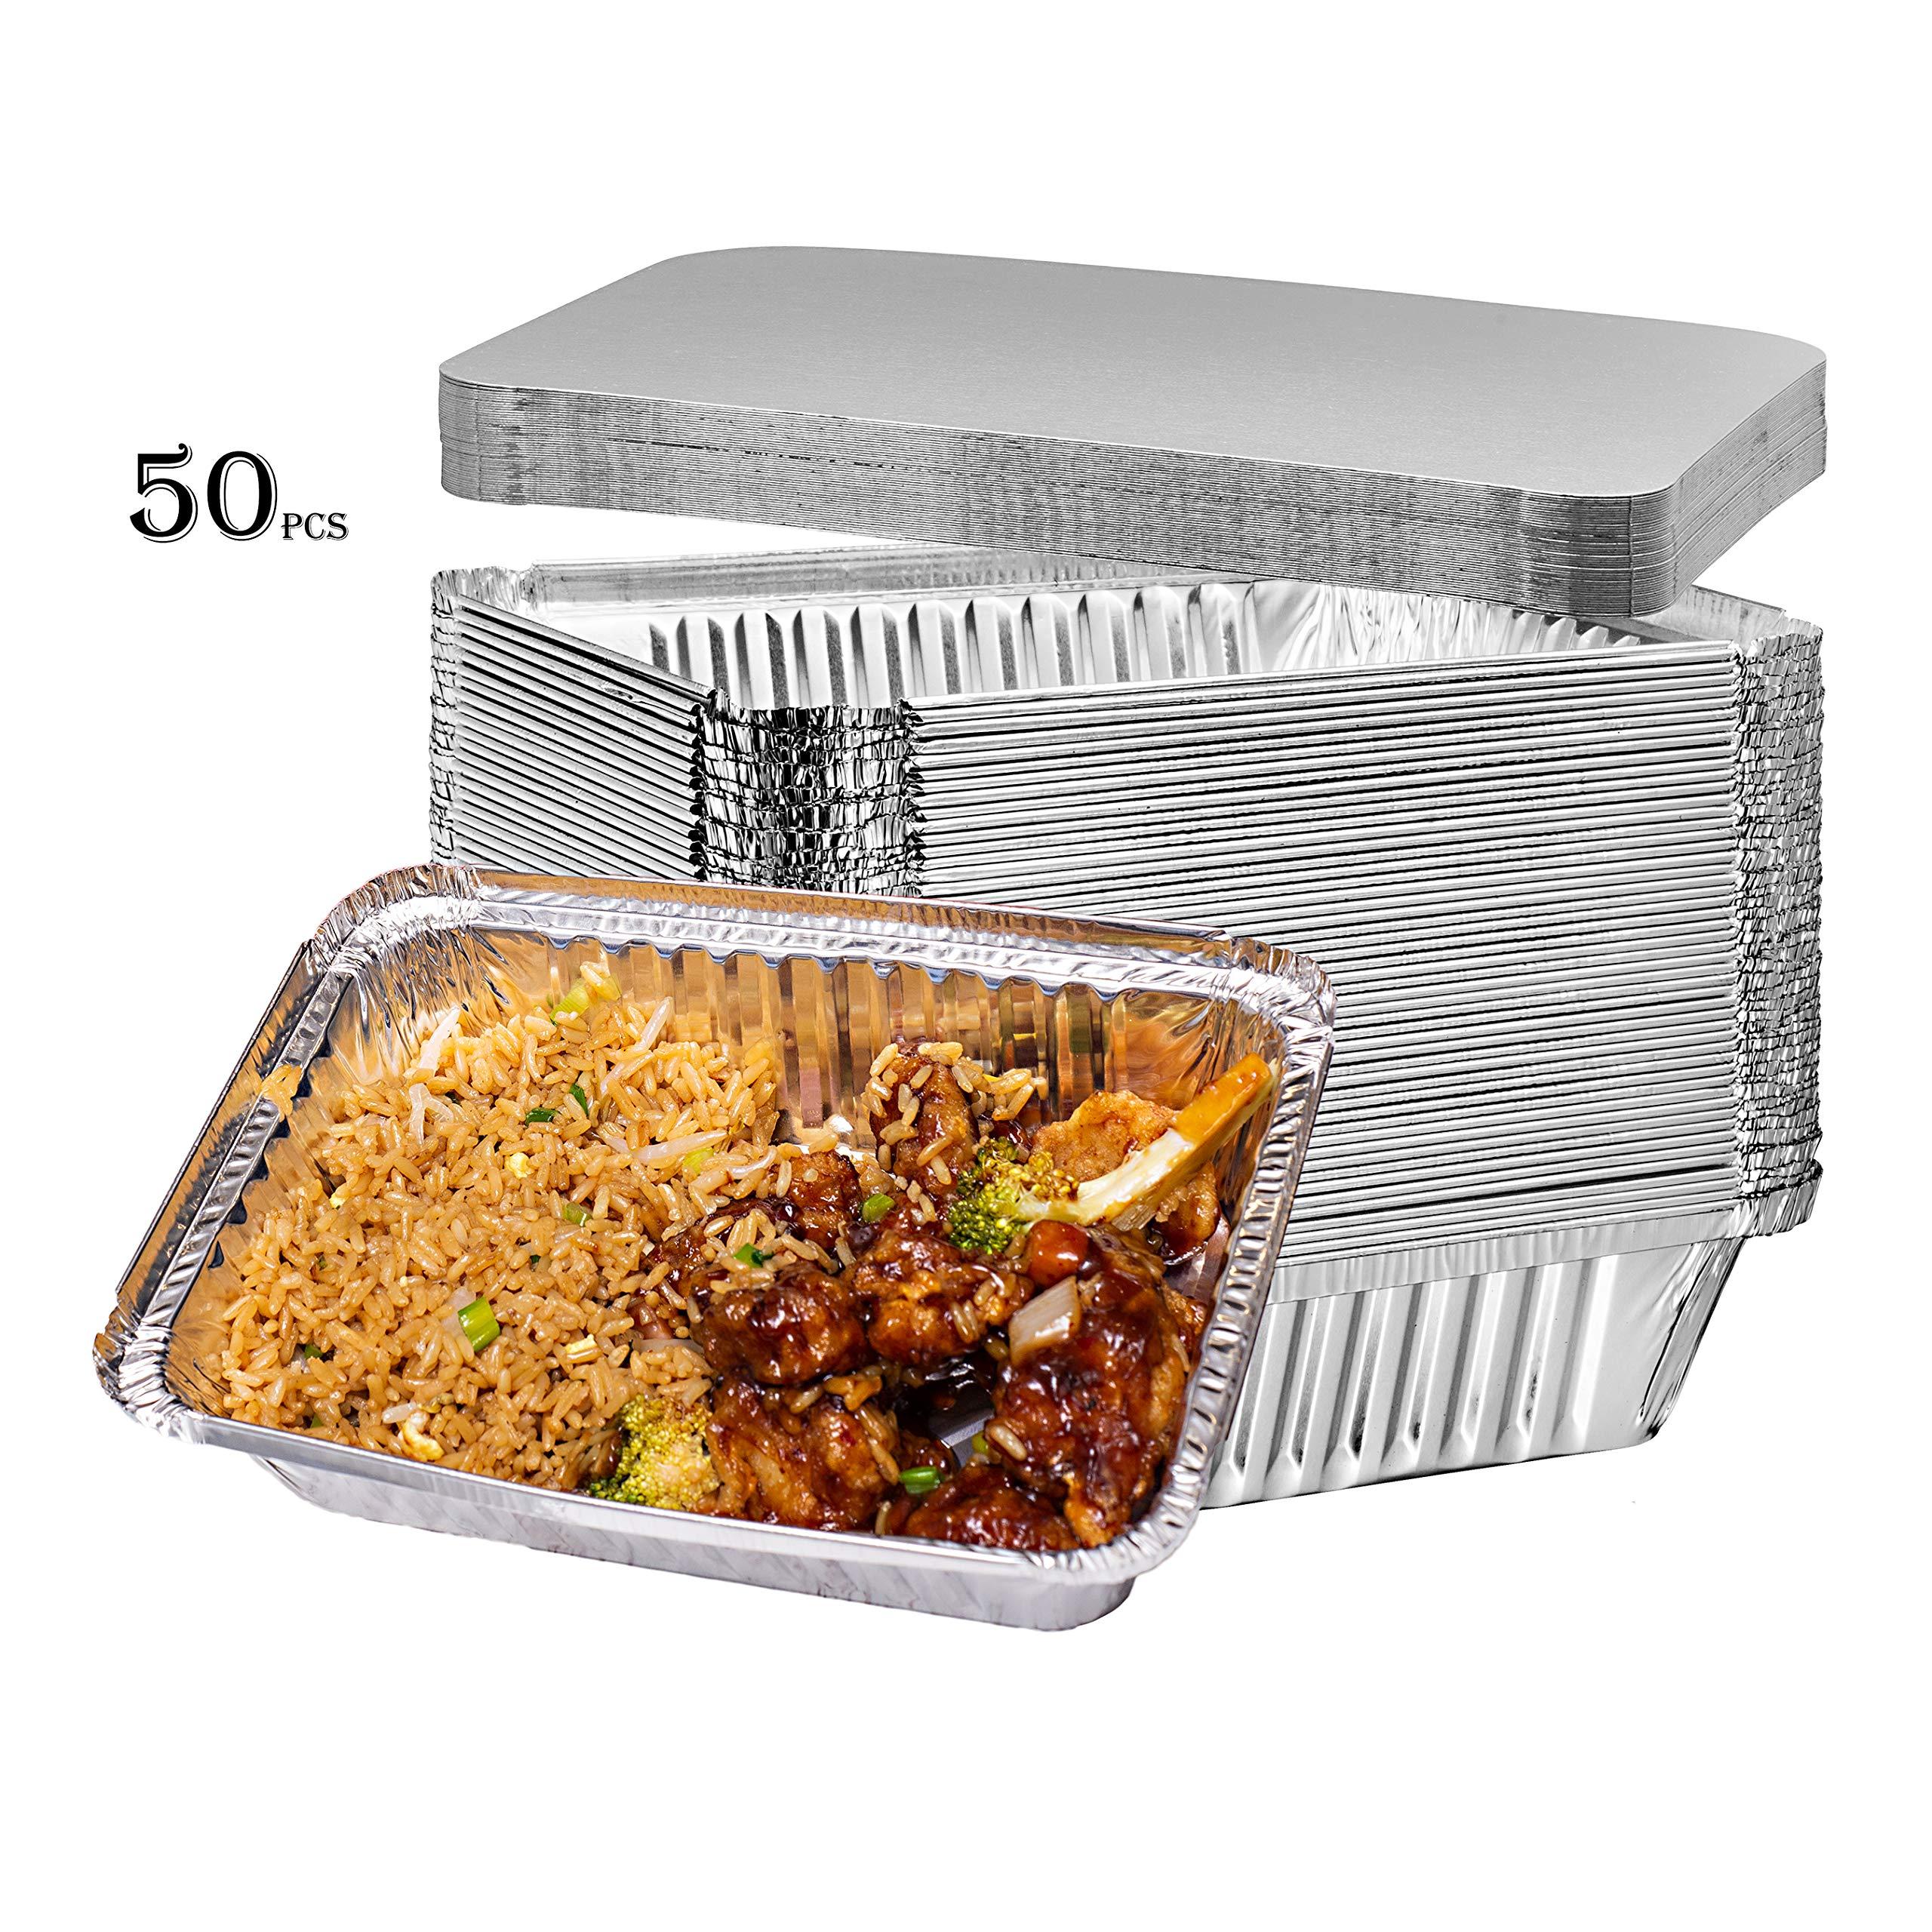 Elite Selection 2lb Aluminum Foil Pans - Reusable and Disposable Foil Pans - Stackable Foil Pans with Board Lids - Oven & Freezer Safe - 50 Piece Set (2LB Board Lids)